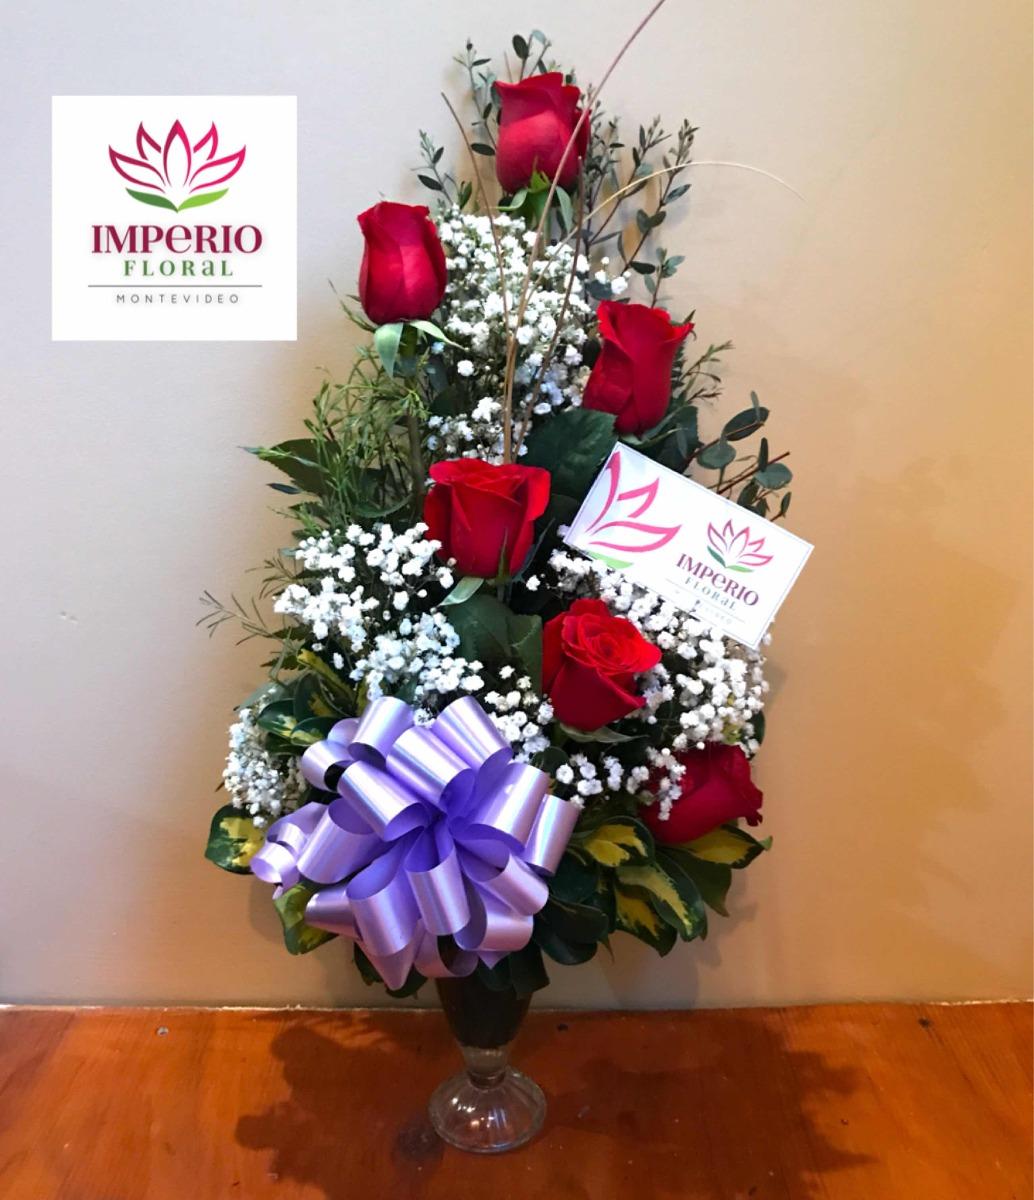 Copa De 6 Rosas Arreglo Floral Florería Envío Gratis Regalo